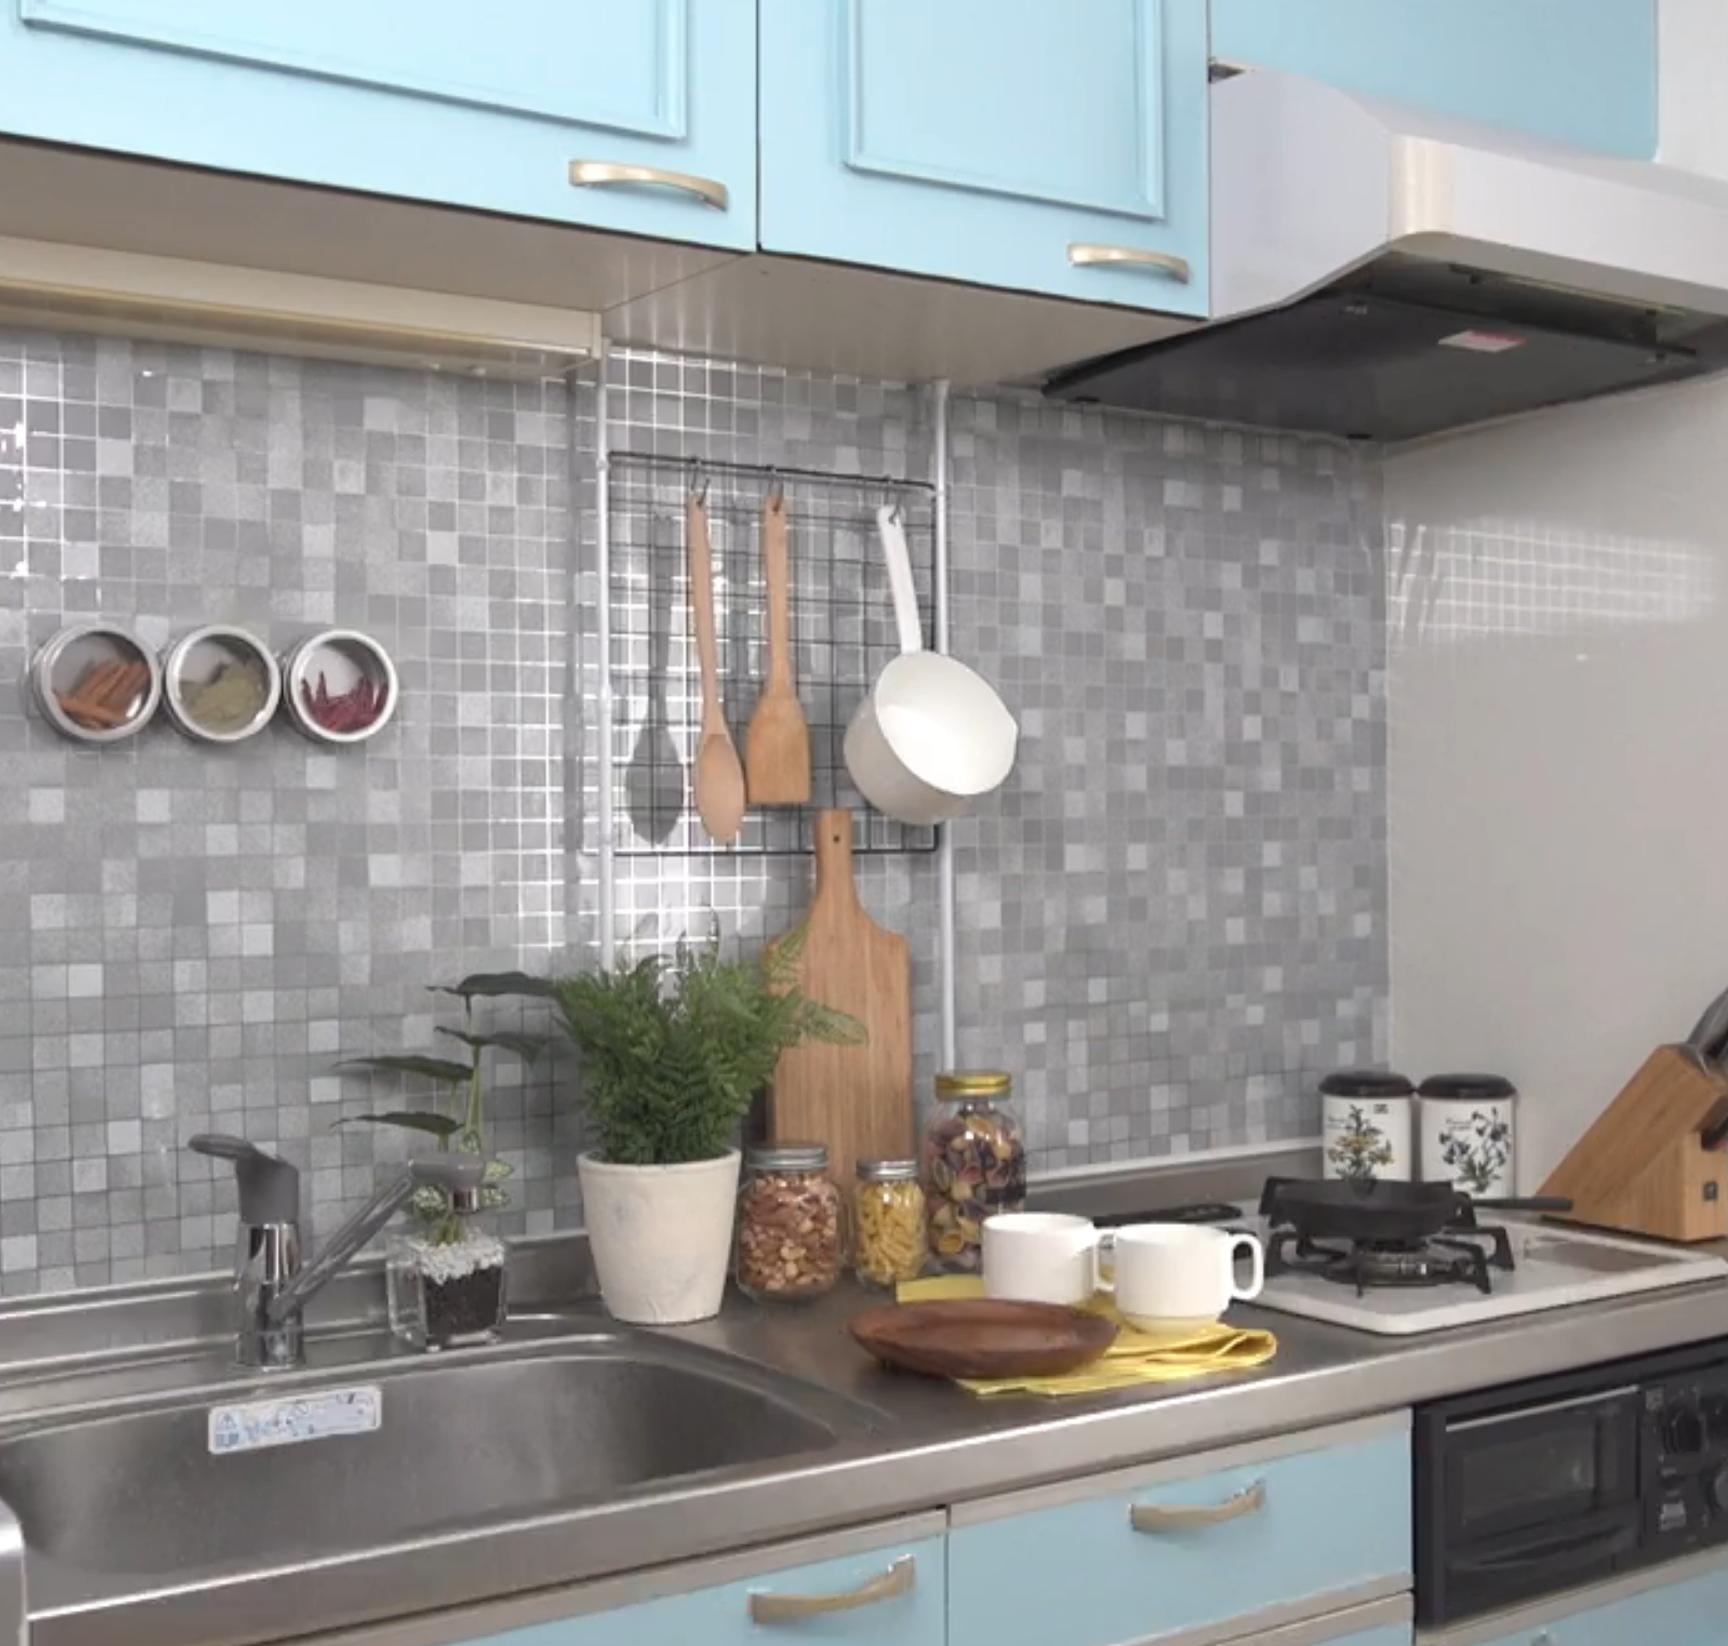 賃貸のキッチンをおしゃれにdiy♪ 素敵なリメイク術を動画で公開